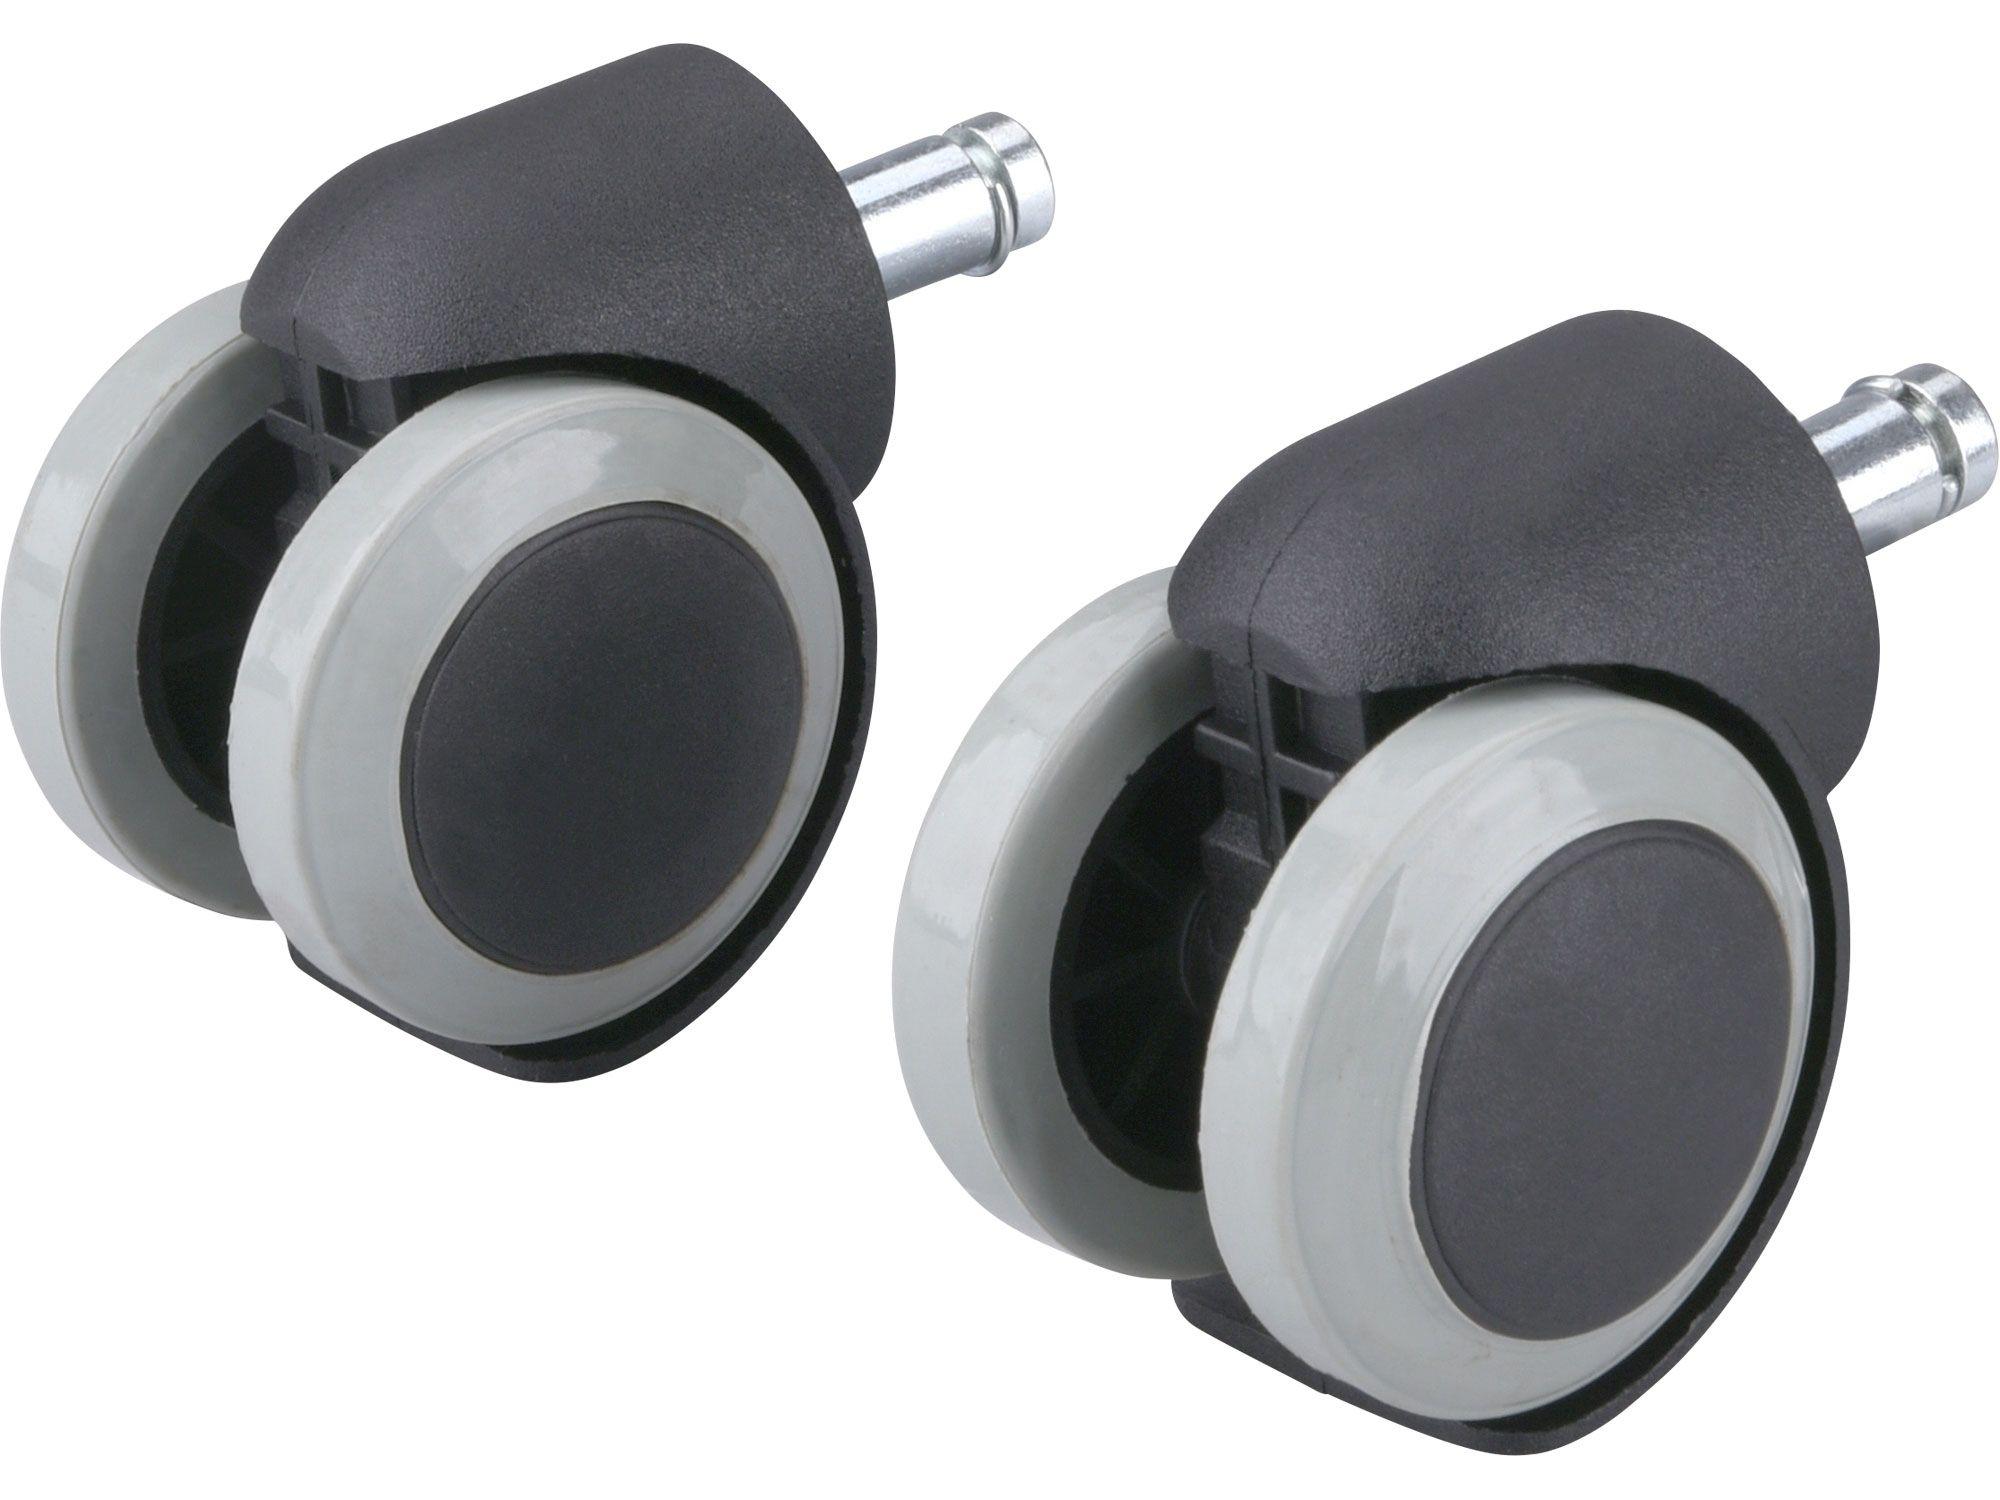 Kolečka otočná s PU obručí, sada 2ks, průměr 50mm s čepem EXTOL-PREMIUM